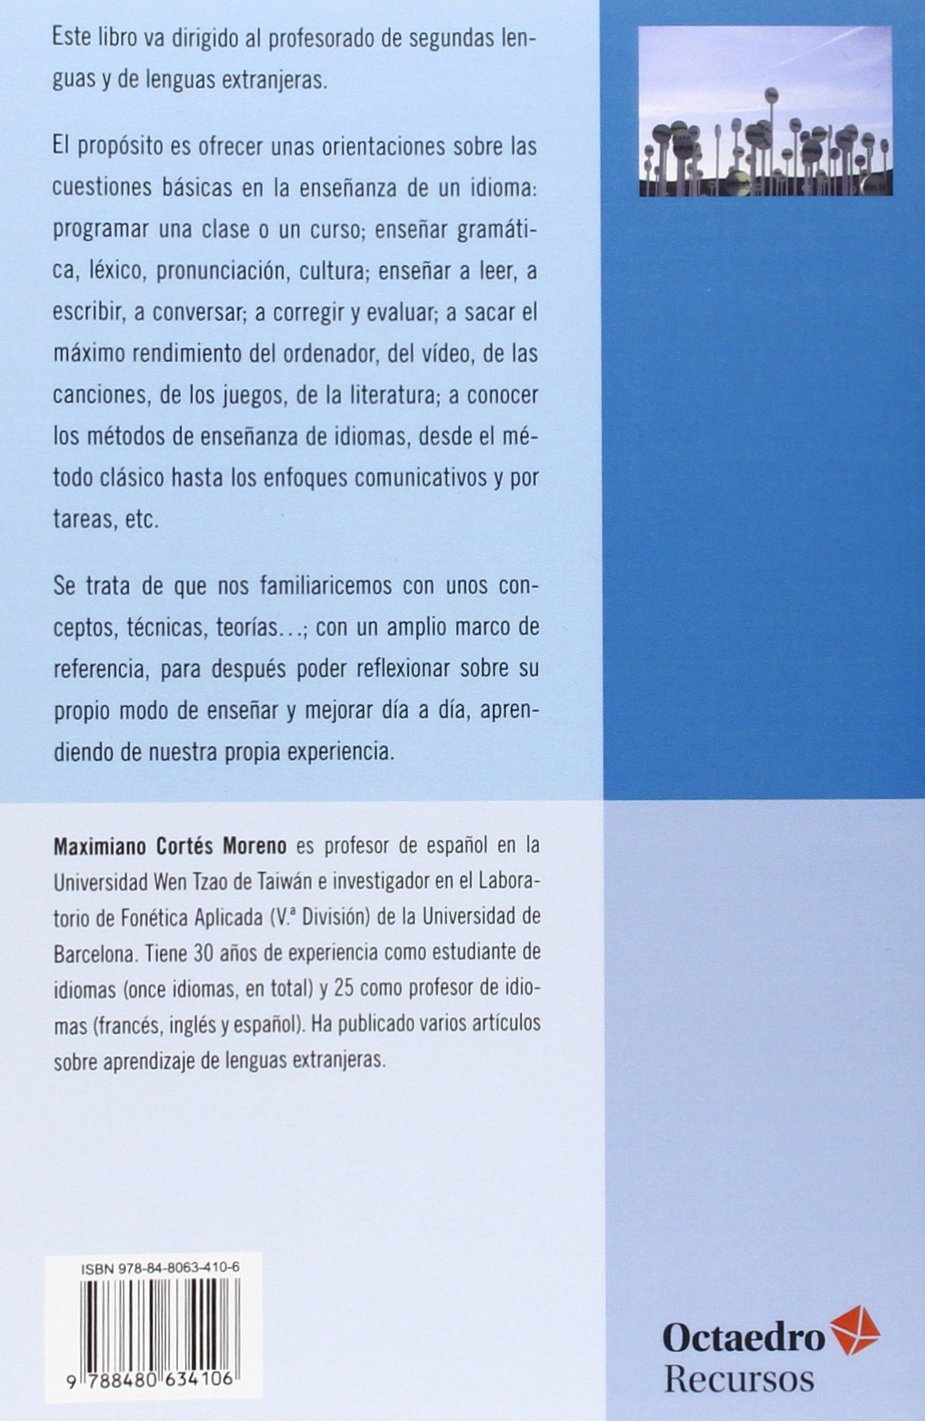 Guía para el profesor de idiomas: Didáctica del español y segundas lenguas Recursos: Amazon.es: Maximiano Cortés Moreno: Libros